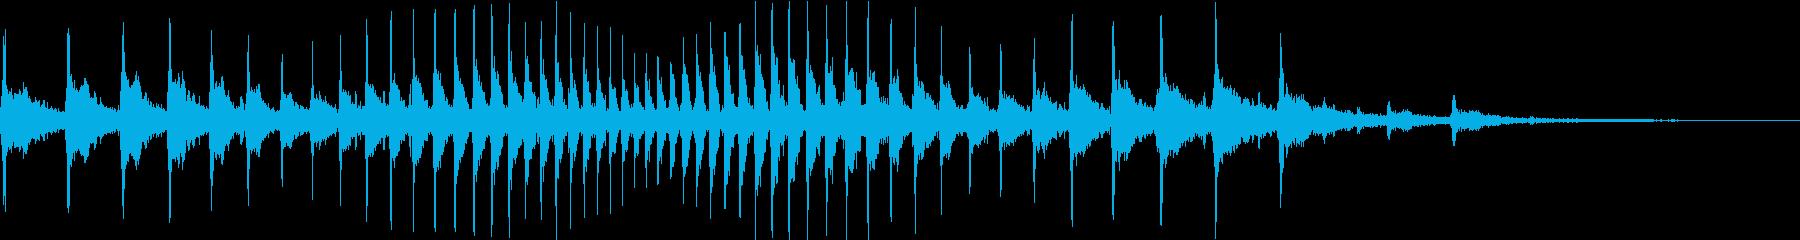 HeyHey!! 放送・動画用ボイスFXの再生済みの波形